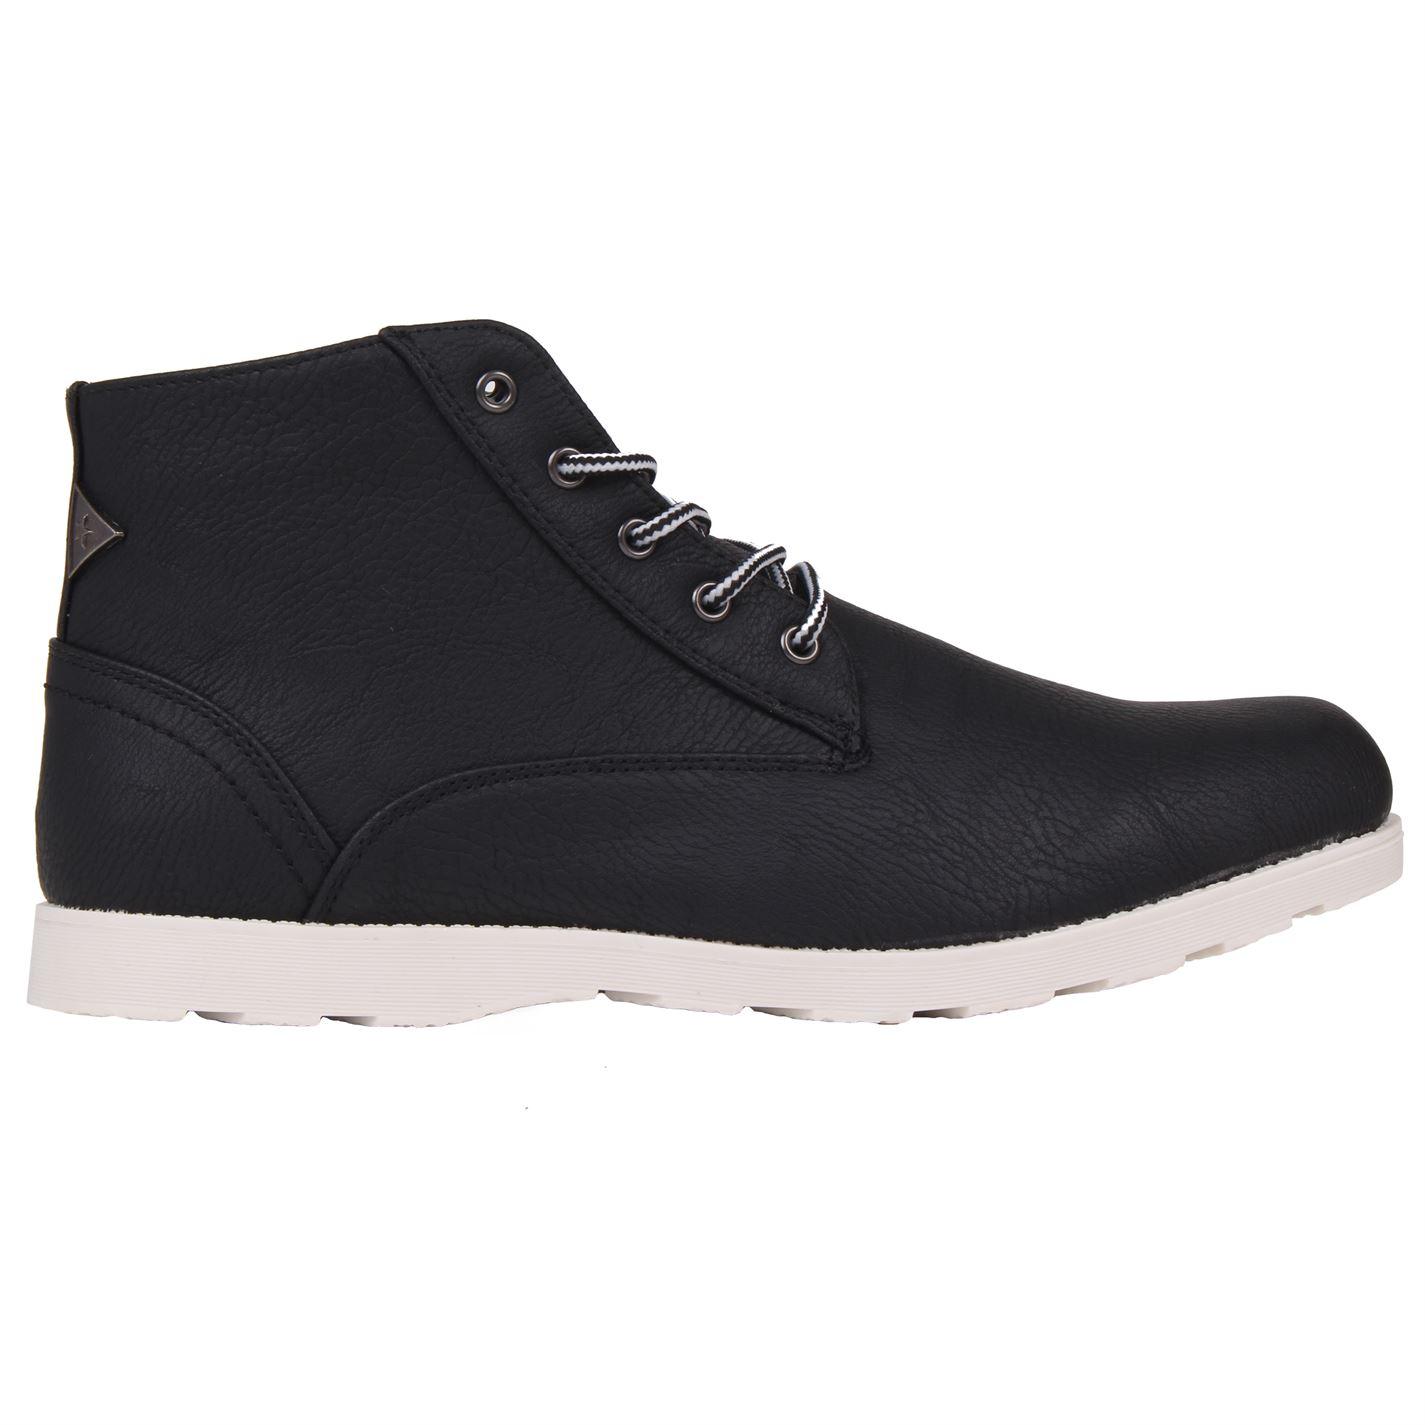 0e9c8d0ada5 Мъжки обувки Soviet Remix Mens Boots - Black/White с цена от лв - Sravni.bg